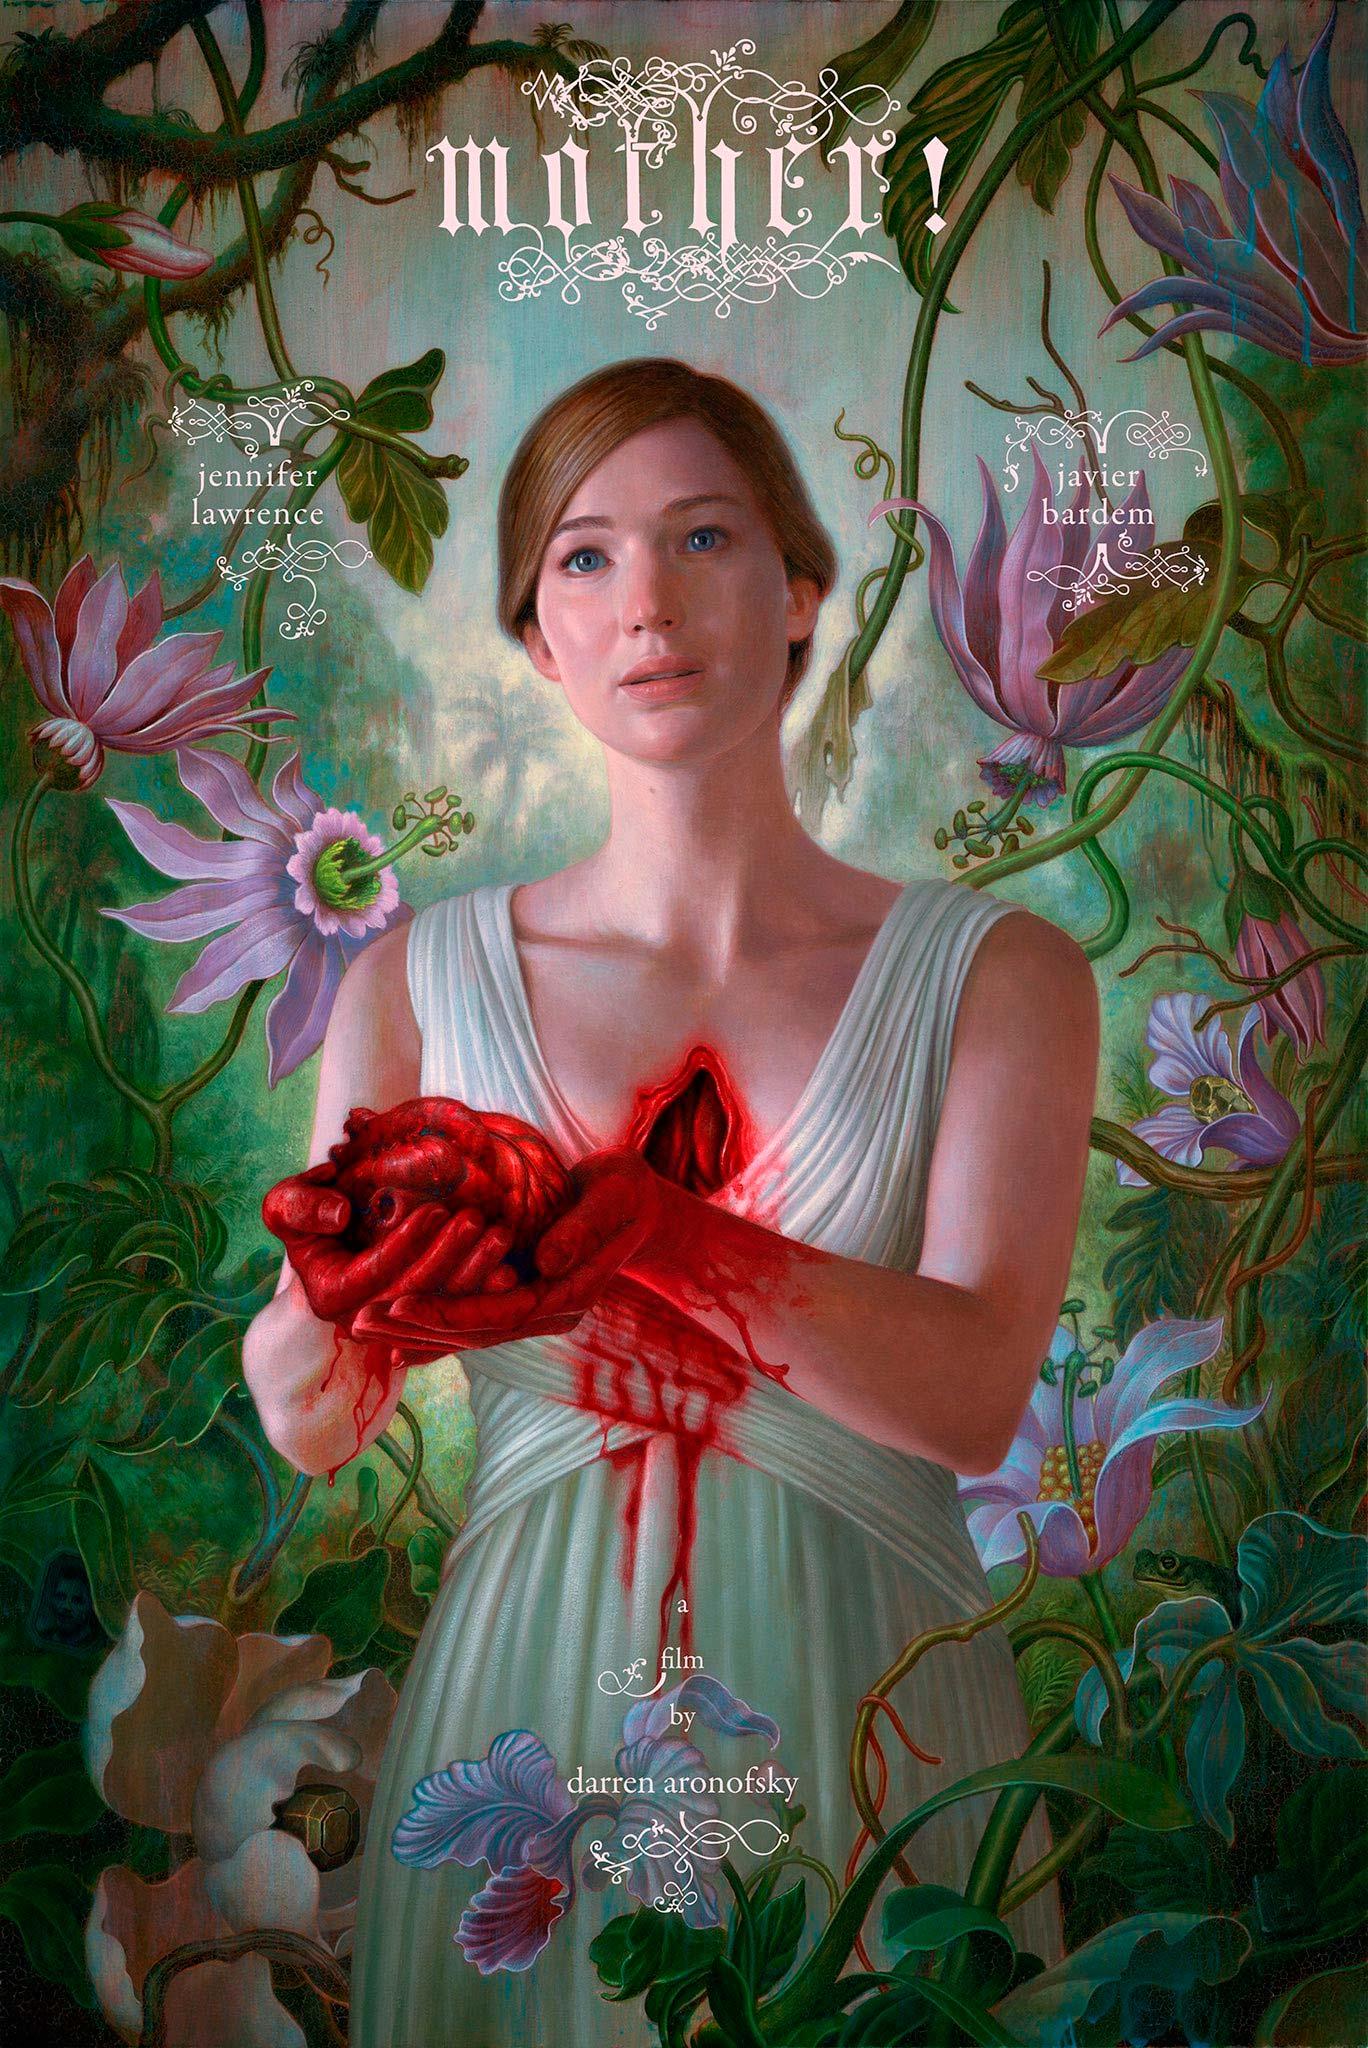 Jennifer Lawrence somete su poso dramático para hacer creíble el argumento de ¡Madre!